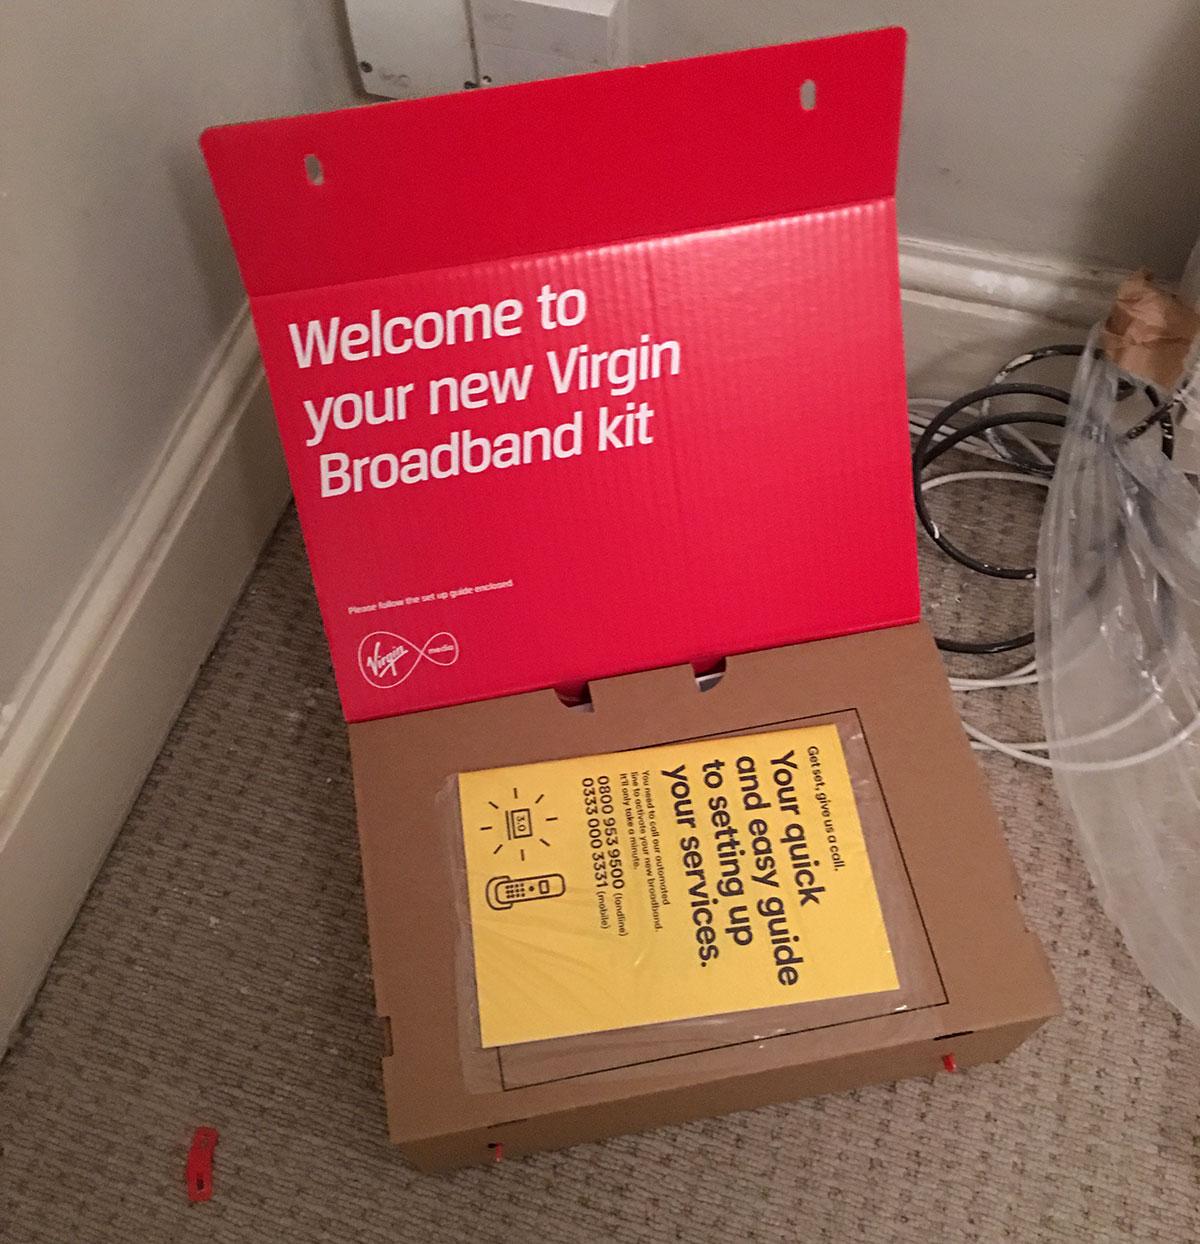 Virgin Media broadband unboxing